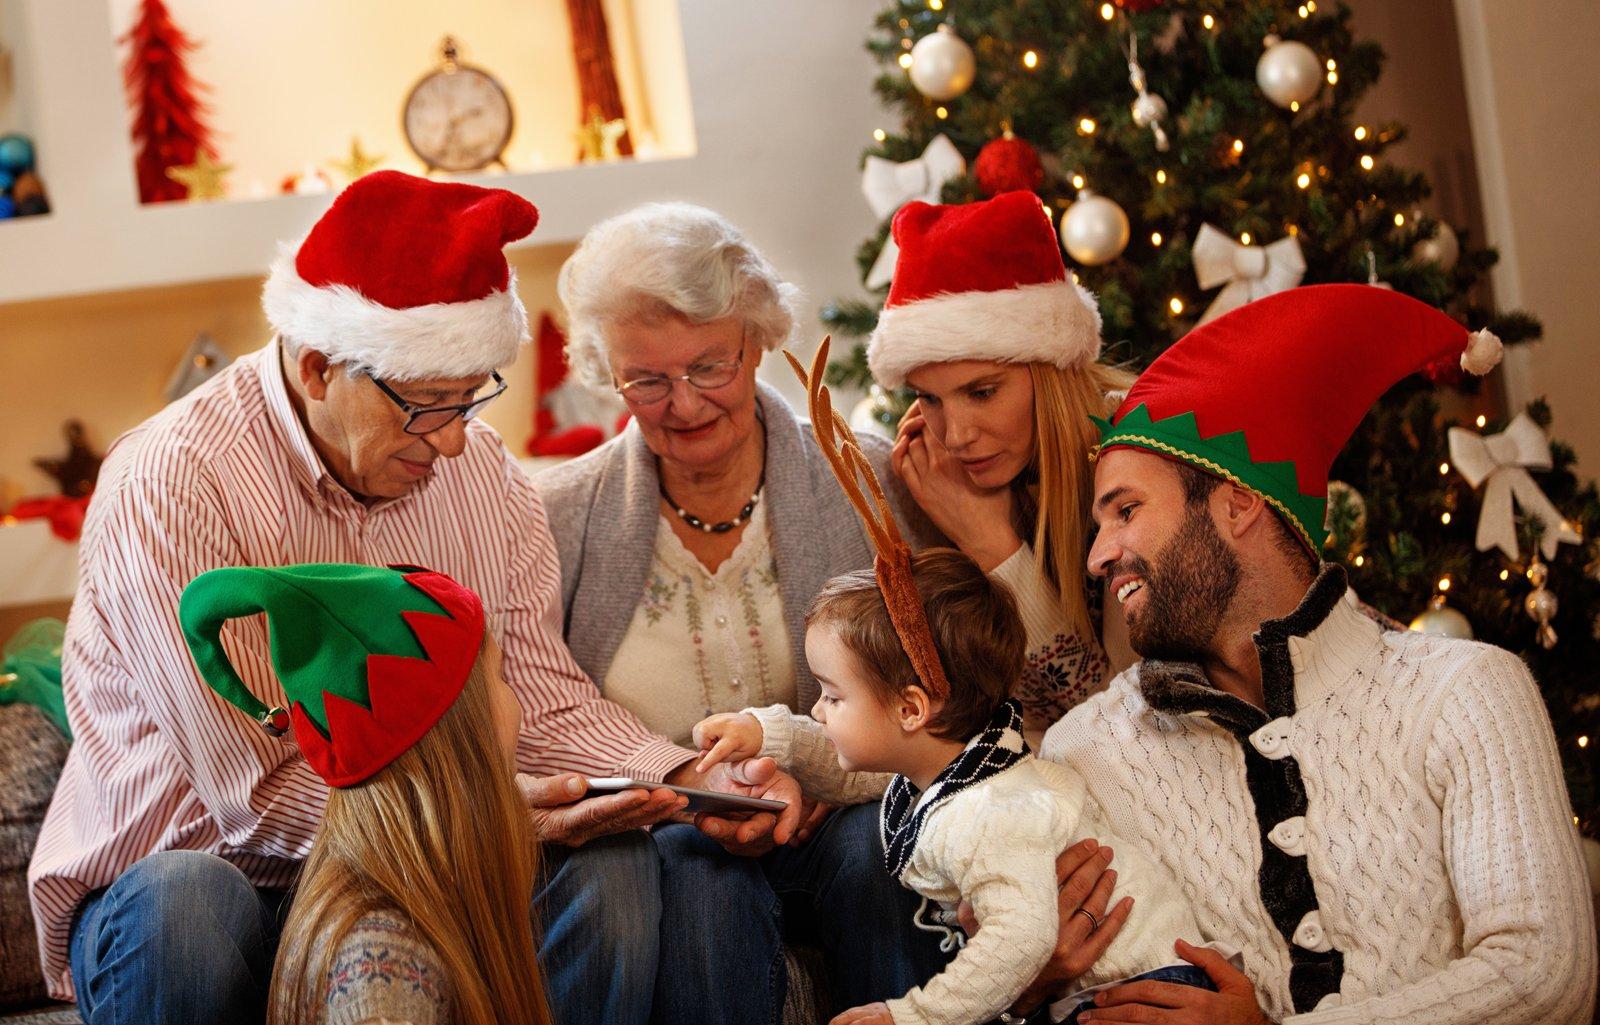 Weihnachten-Familie-1600x